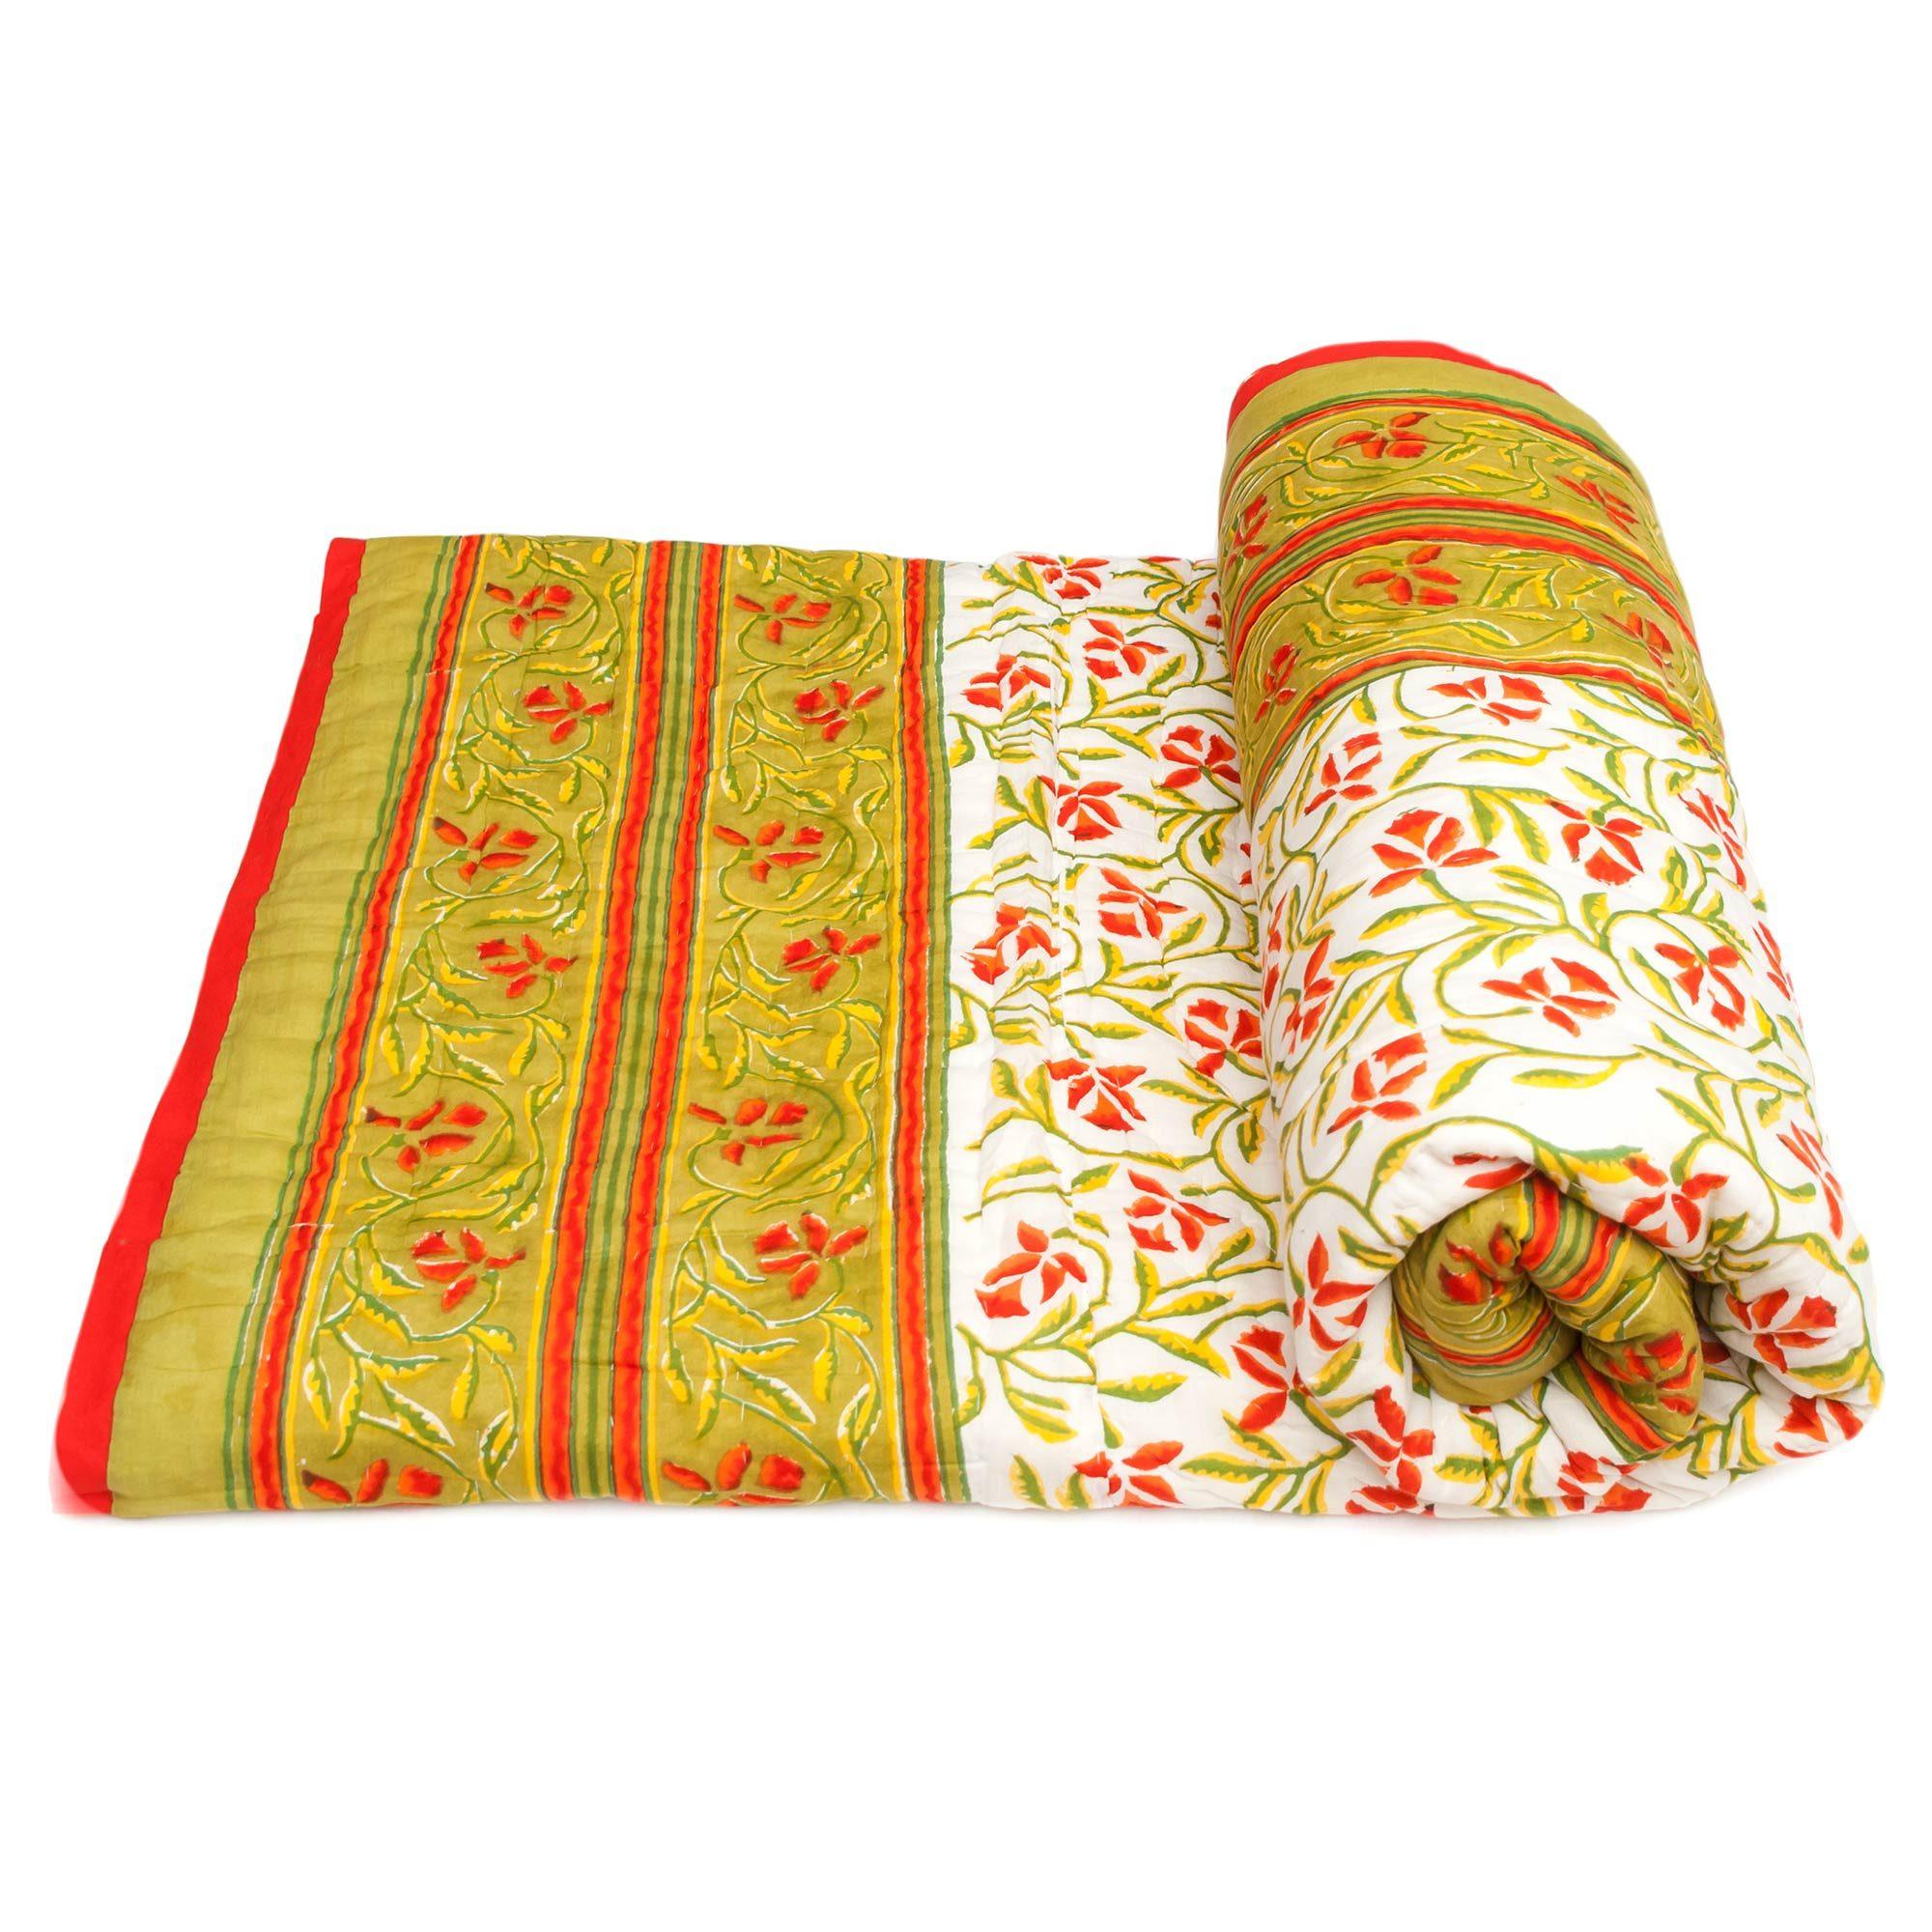 Tara-Textile - indische Decke - Leichte Decke Mana